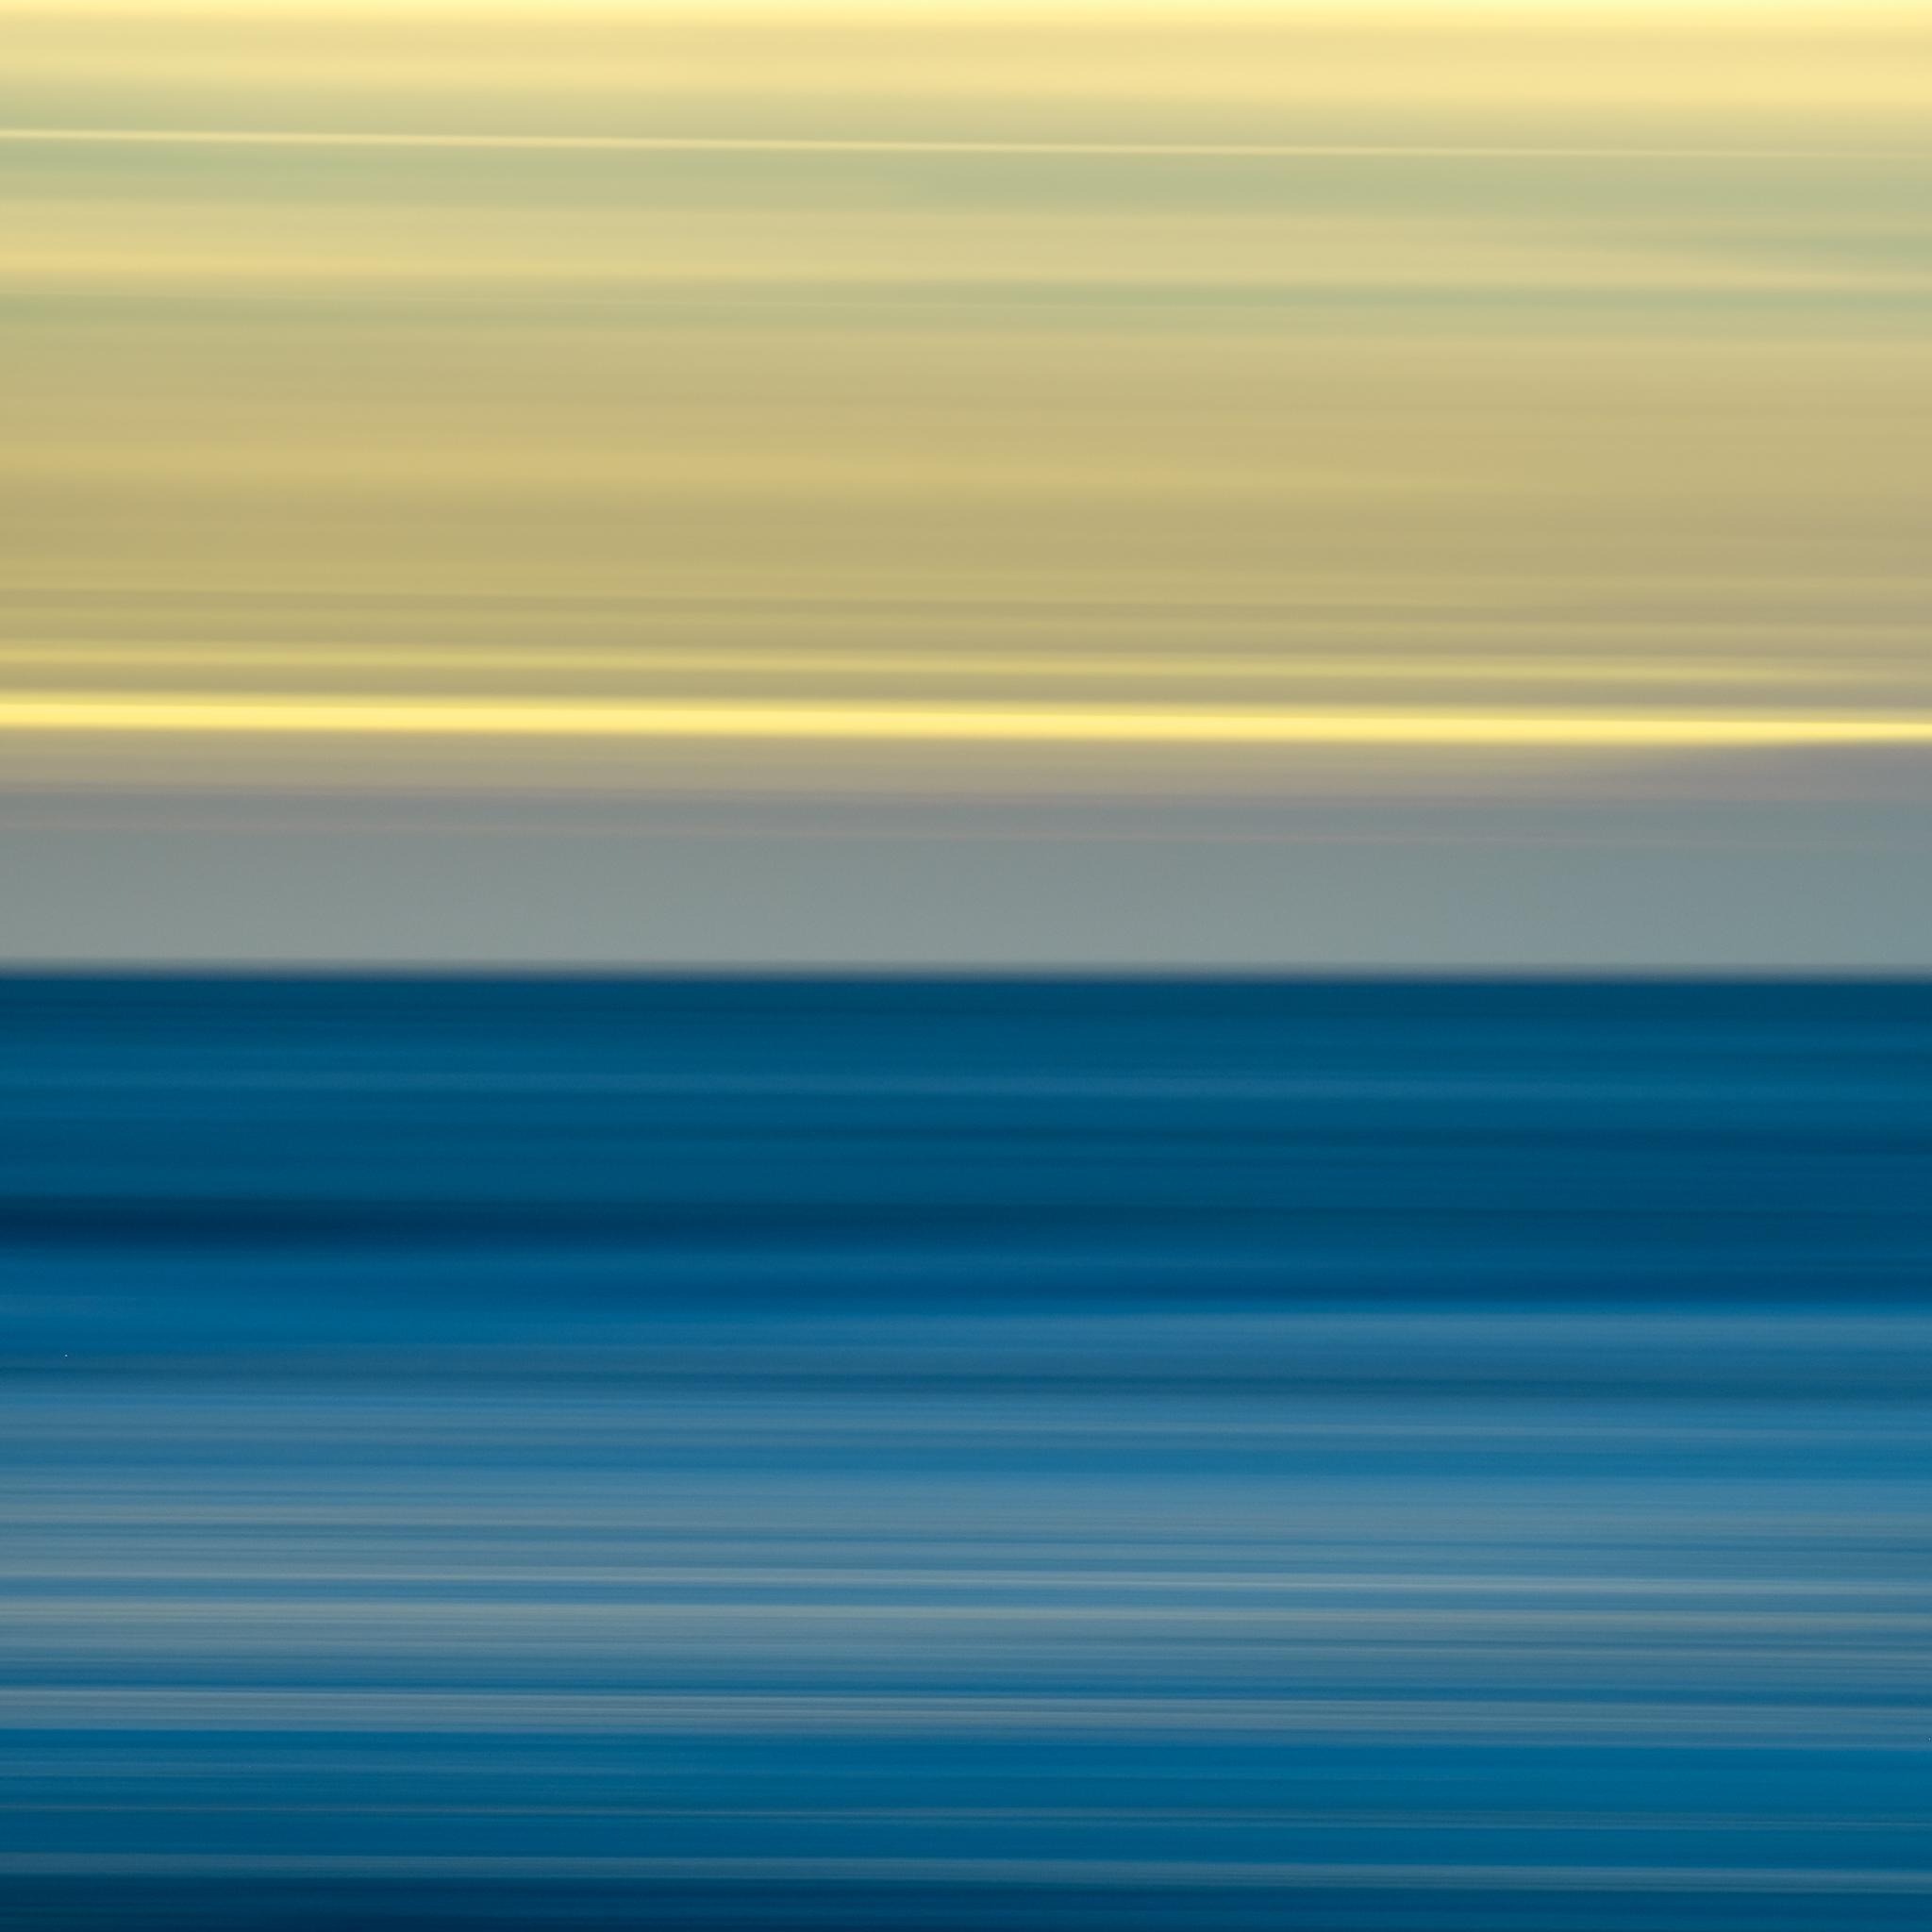 North Sea, Schoorl VI, 2017